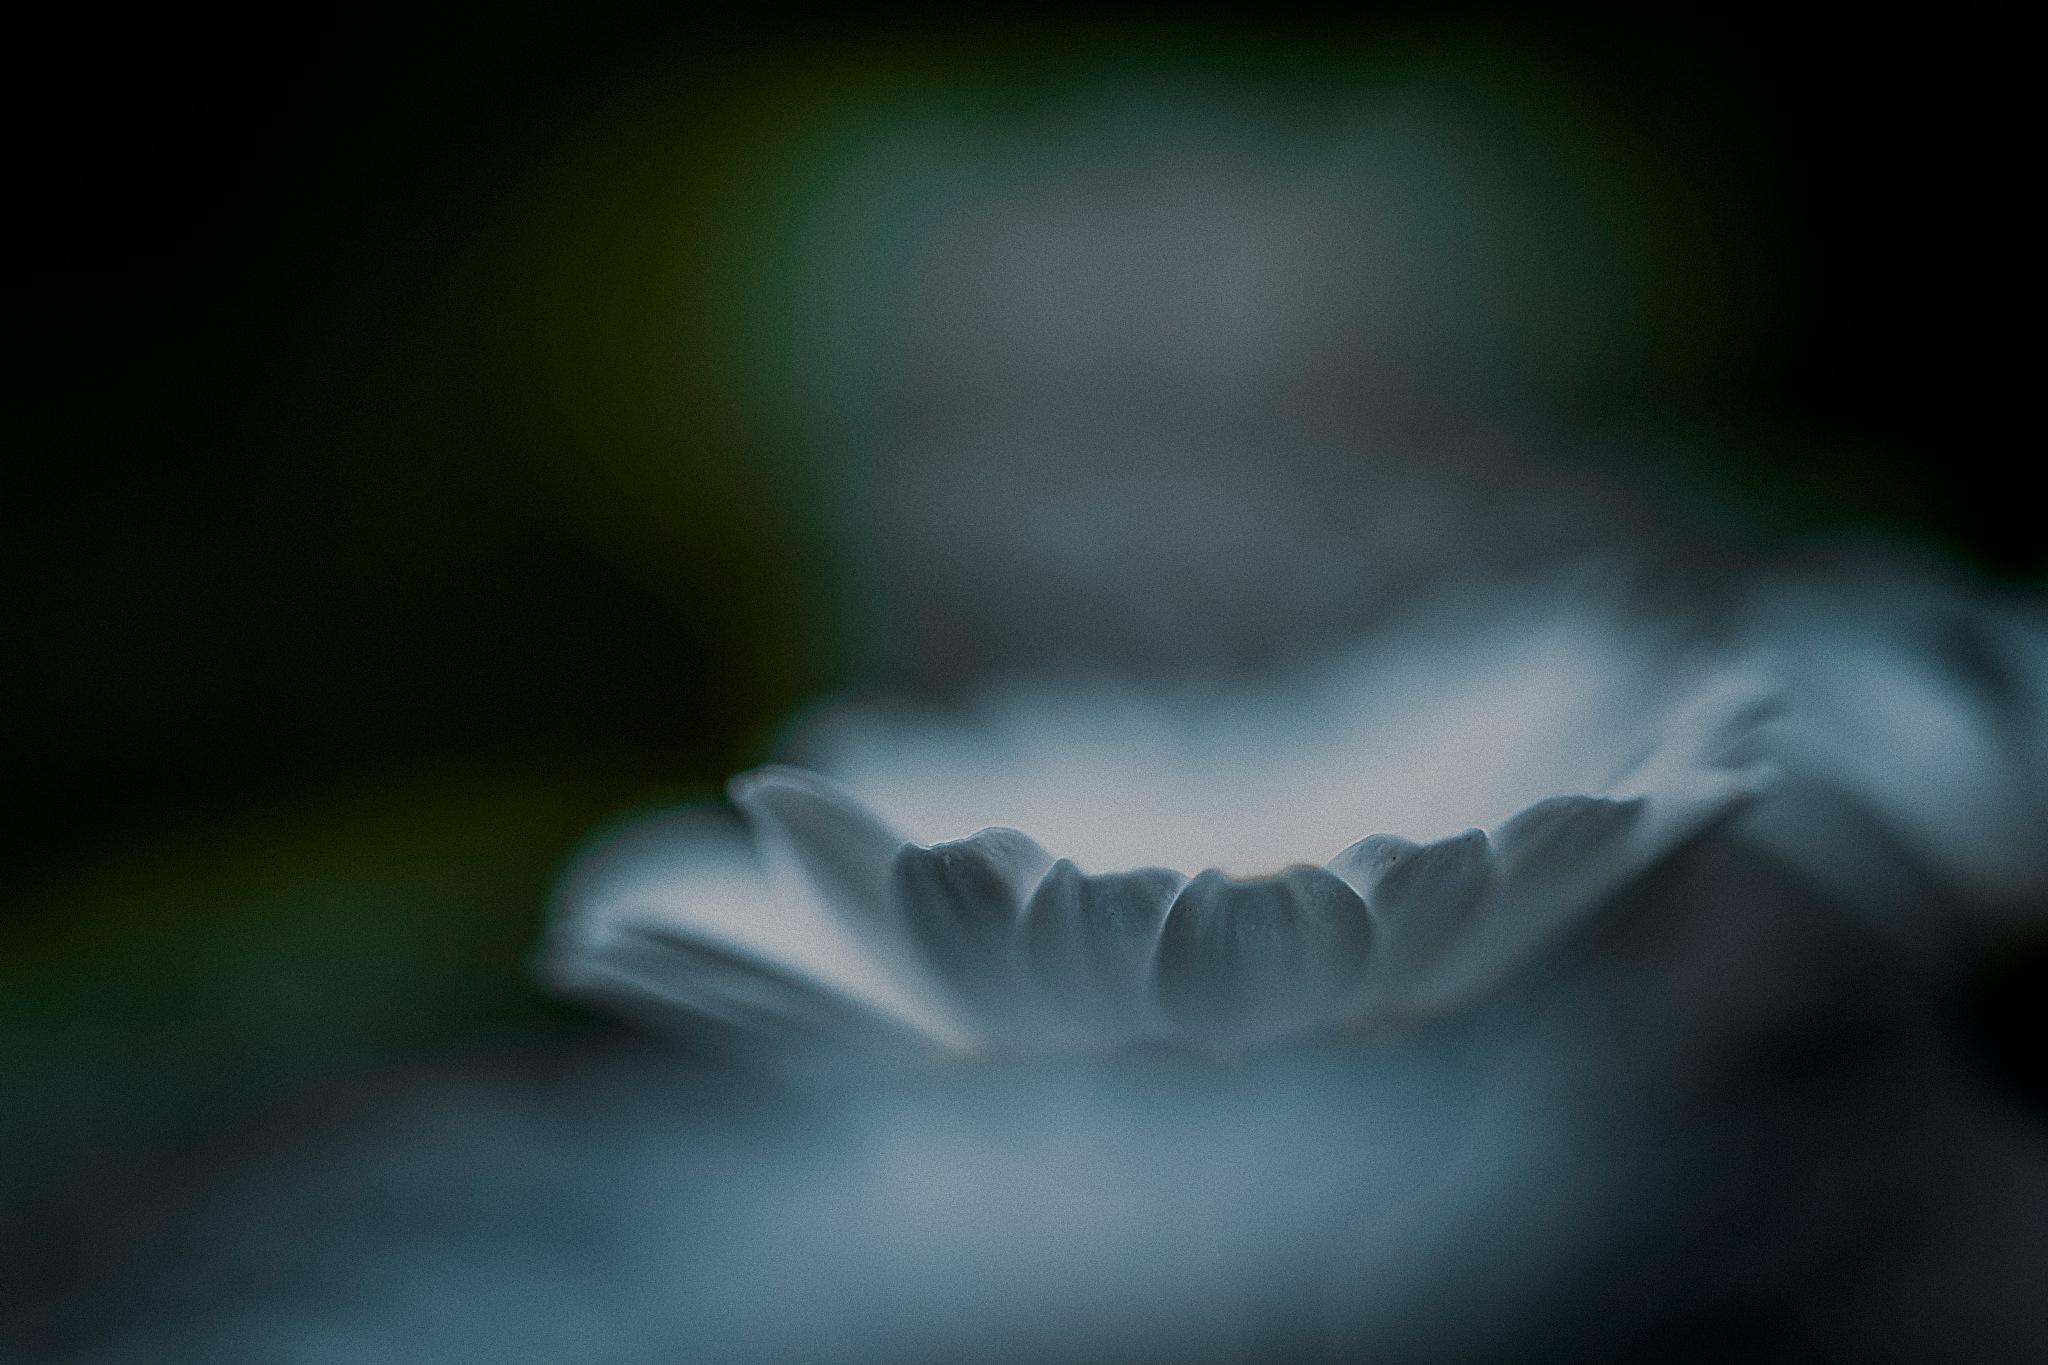 白の花びら 1 by Hiroshi Miyashita